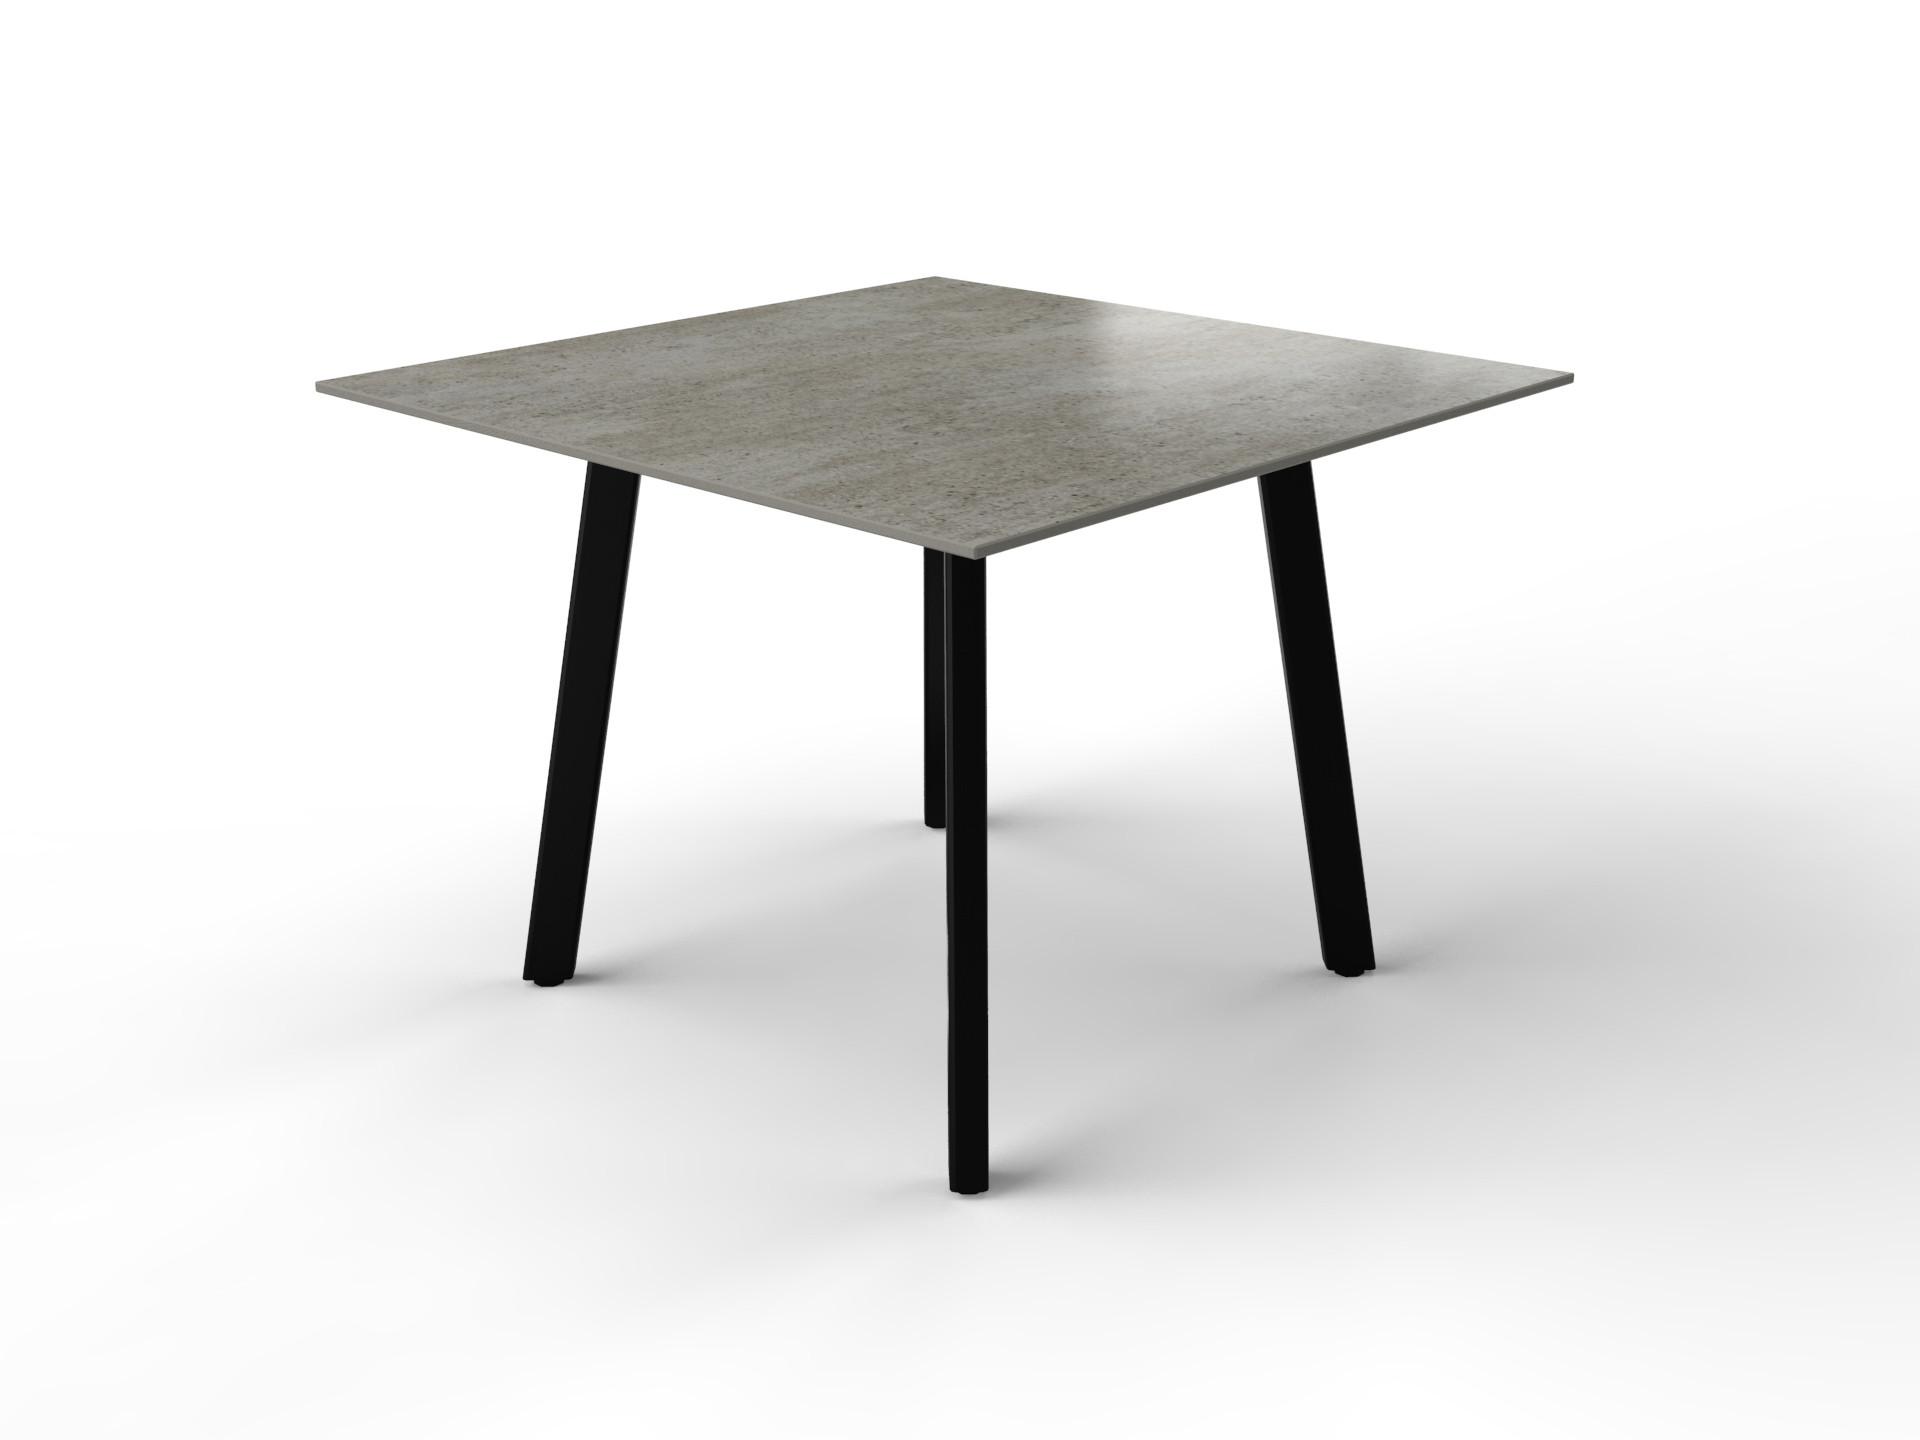 Quadratischer Esstisch in Betonoptik mit Gestell aus schwarz beschichtetem Stahl